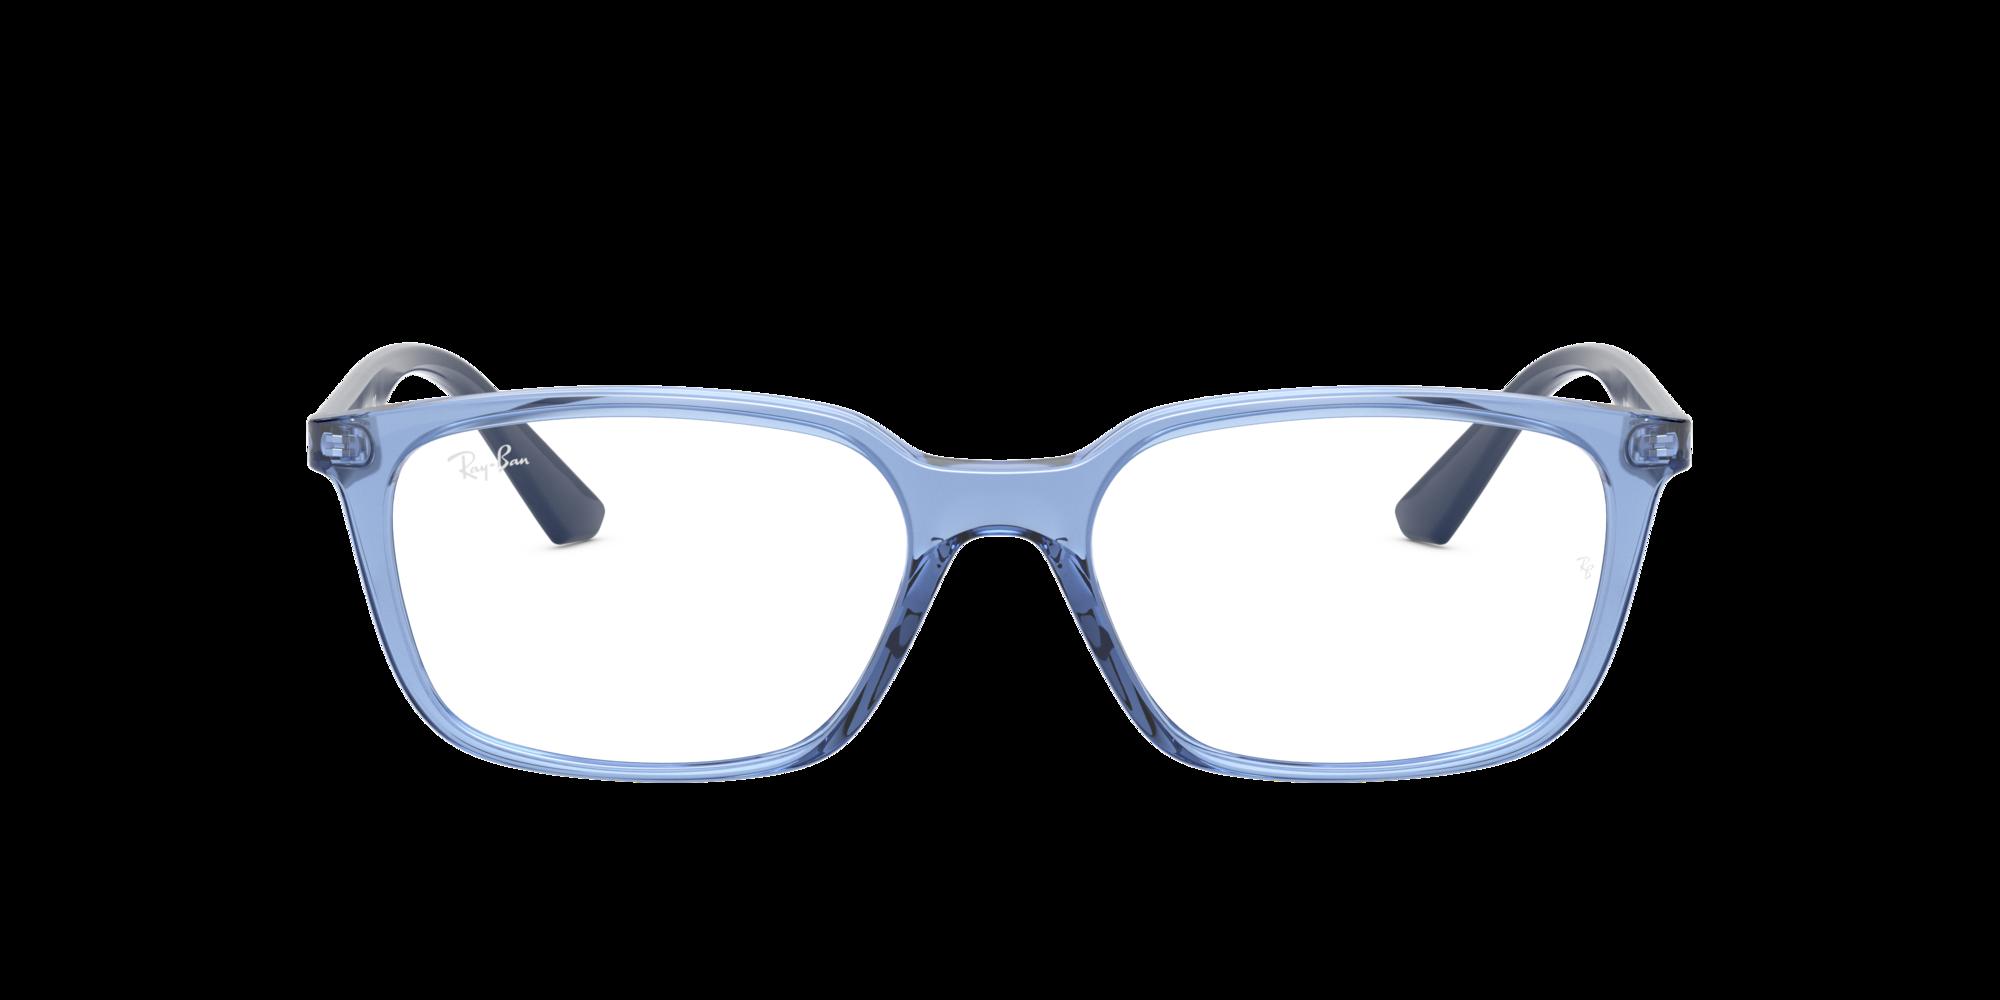 Imagen para RX7176 de LensCrafters |  Espejuelos, espejuelos graduados en línea, gafas